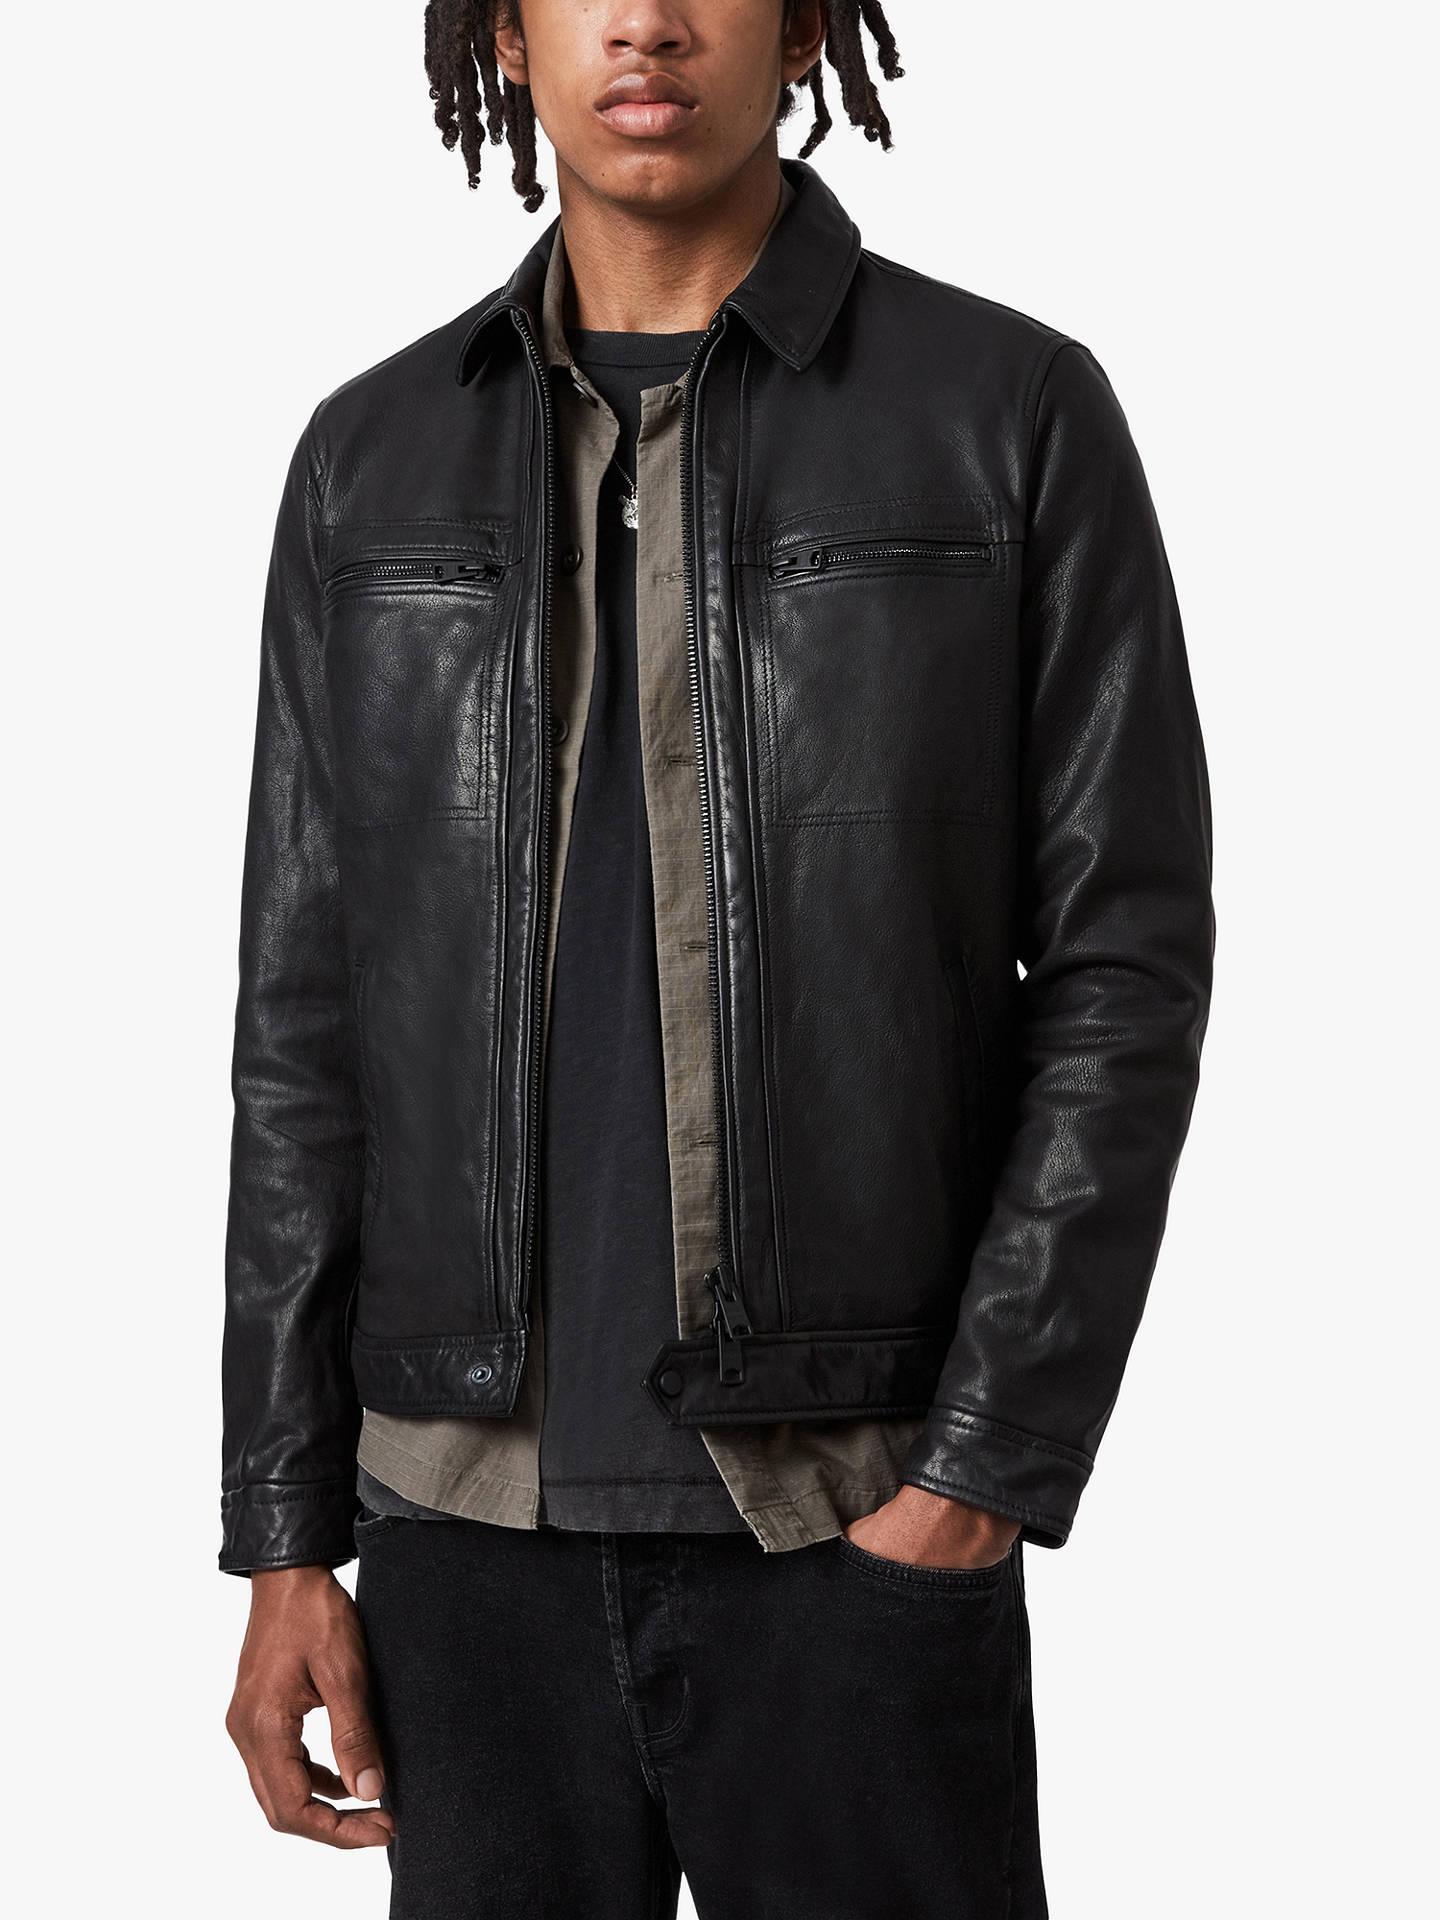 660a66330 AllSaints Lark Leather Jacket, Black